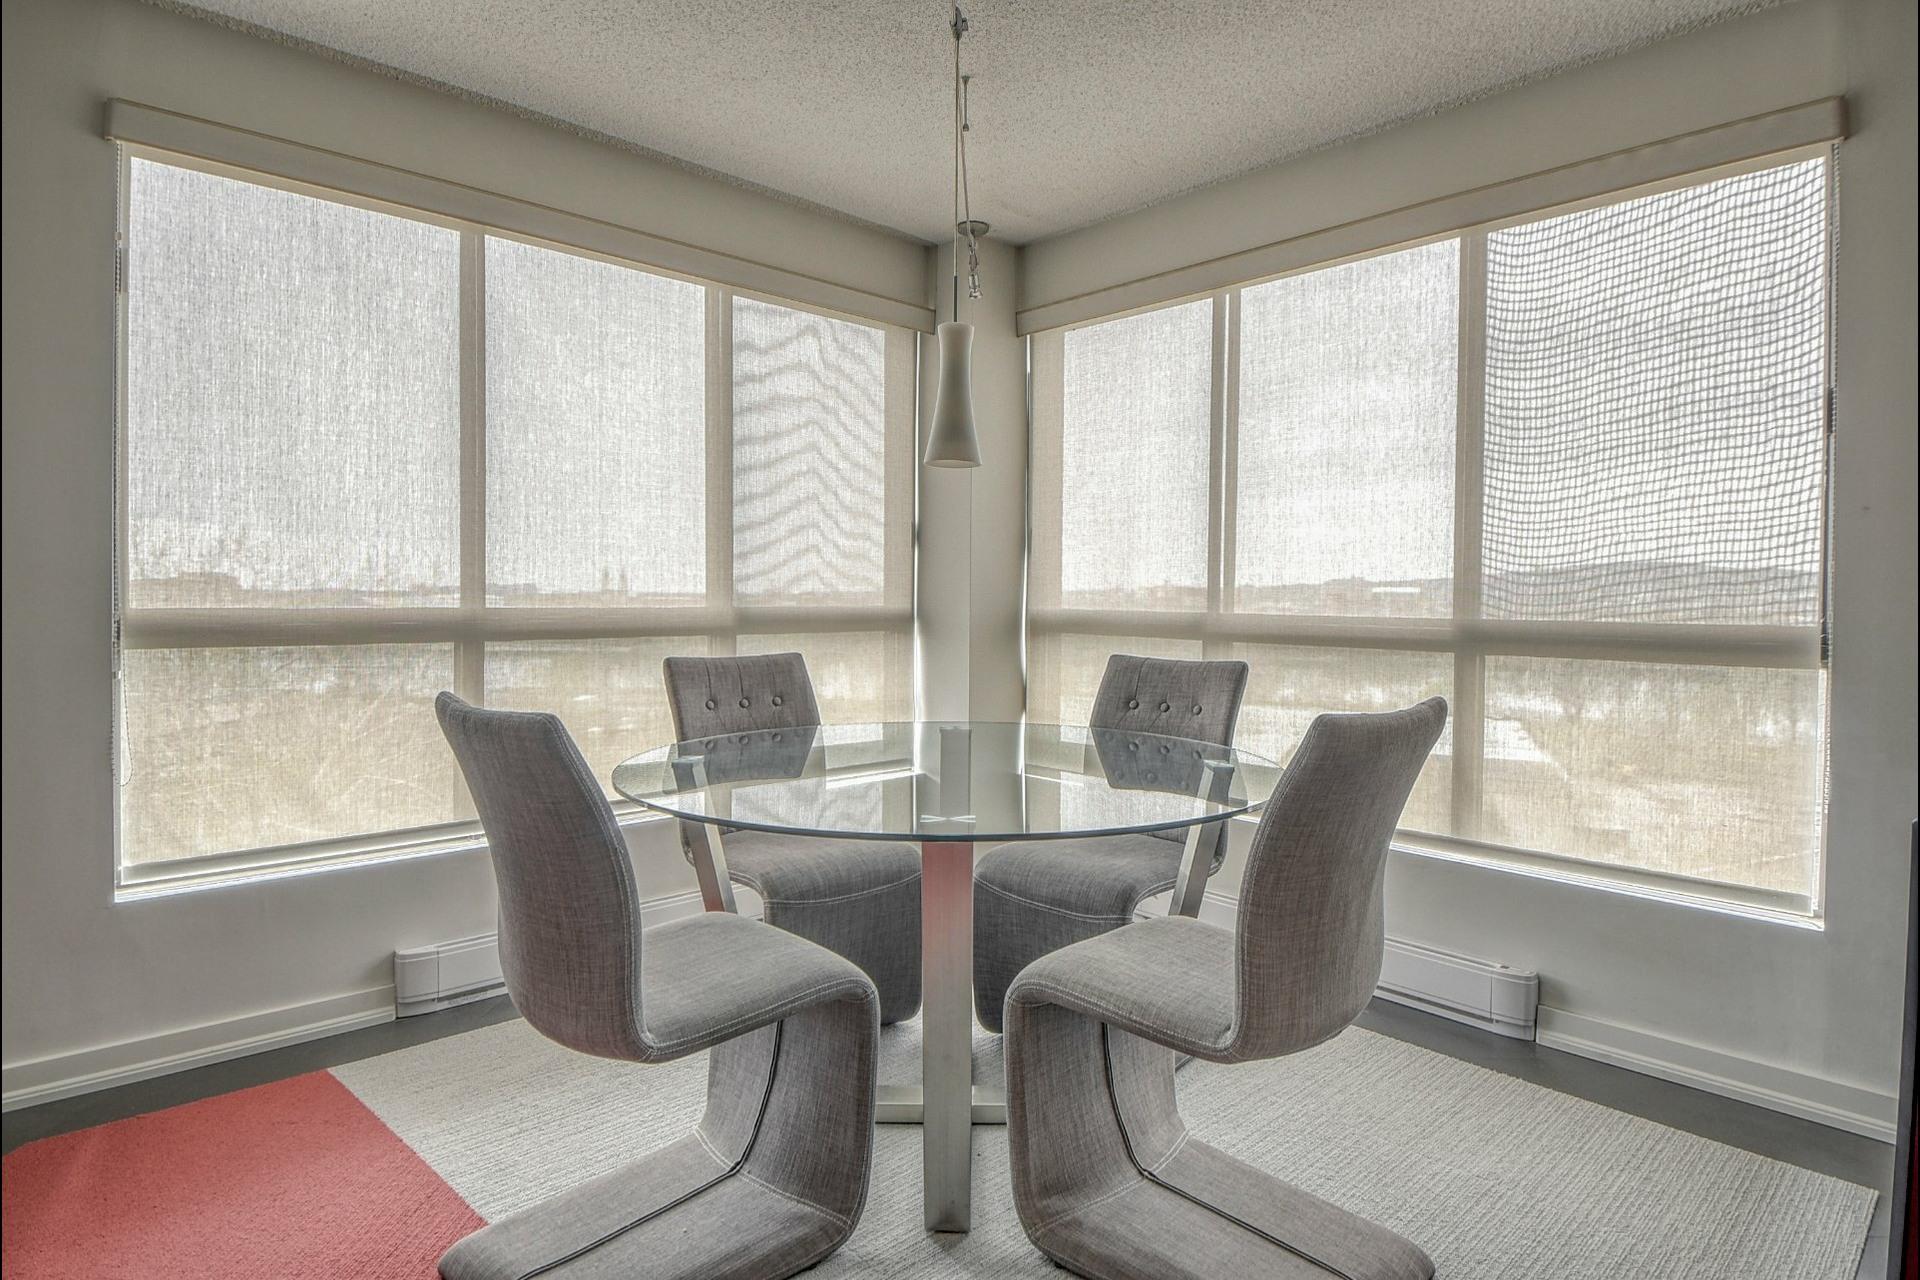 image 7 - Appartement À vendre Verdun/Île-des-Soeurs Montréal  - 4 pièces